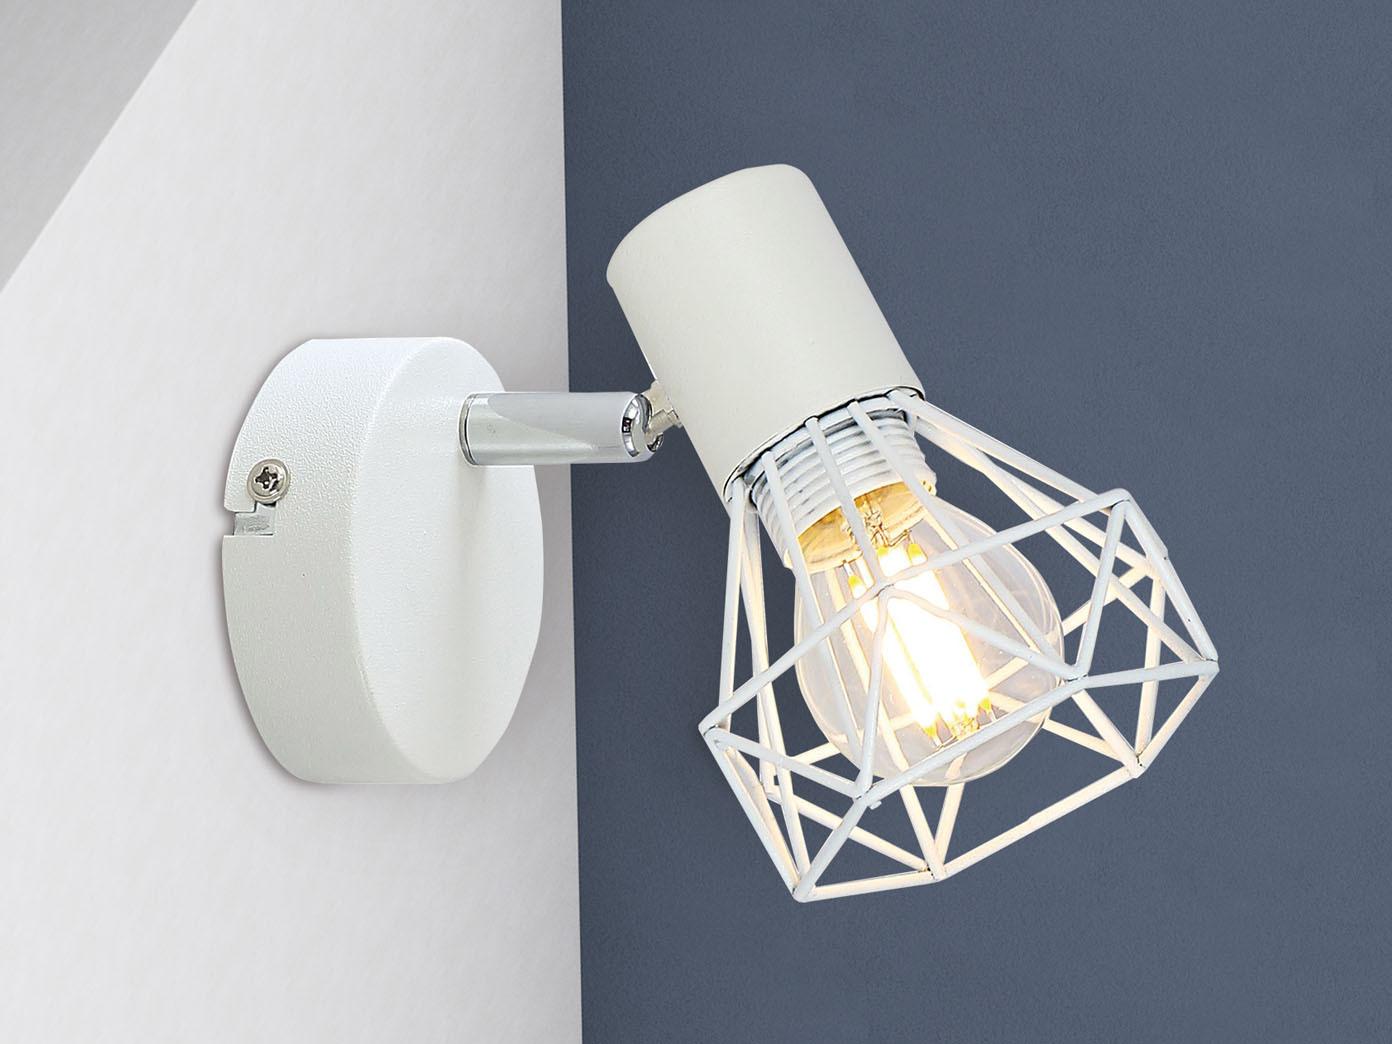 Gitterschirm Metall weiß Spot schwenkbar HONSEL LED Wandleuchte mit Schalter